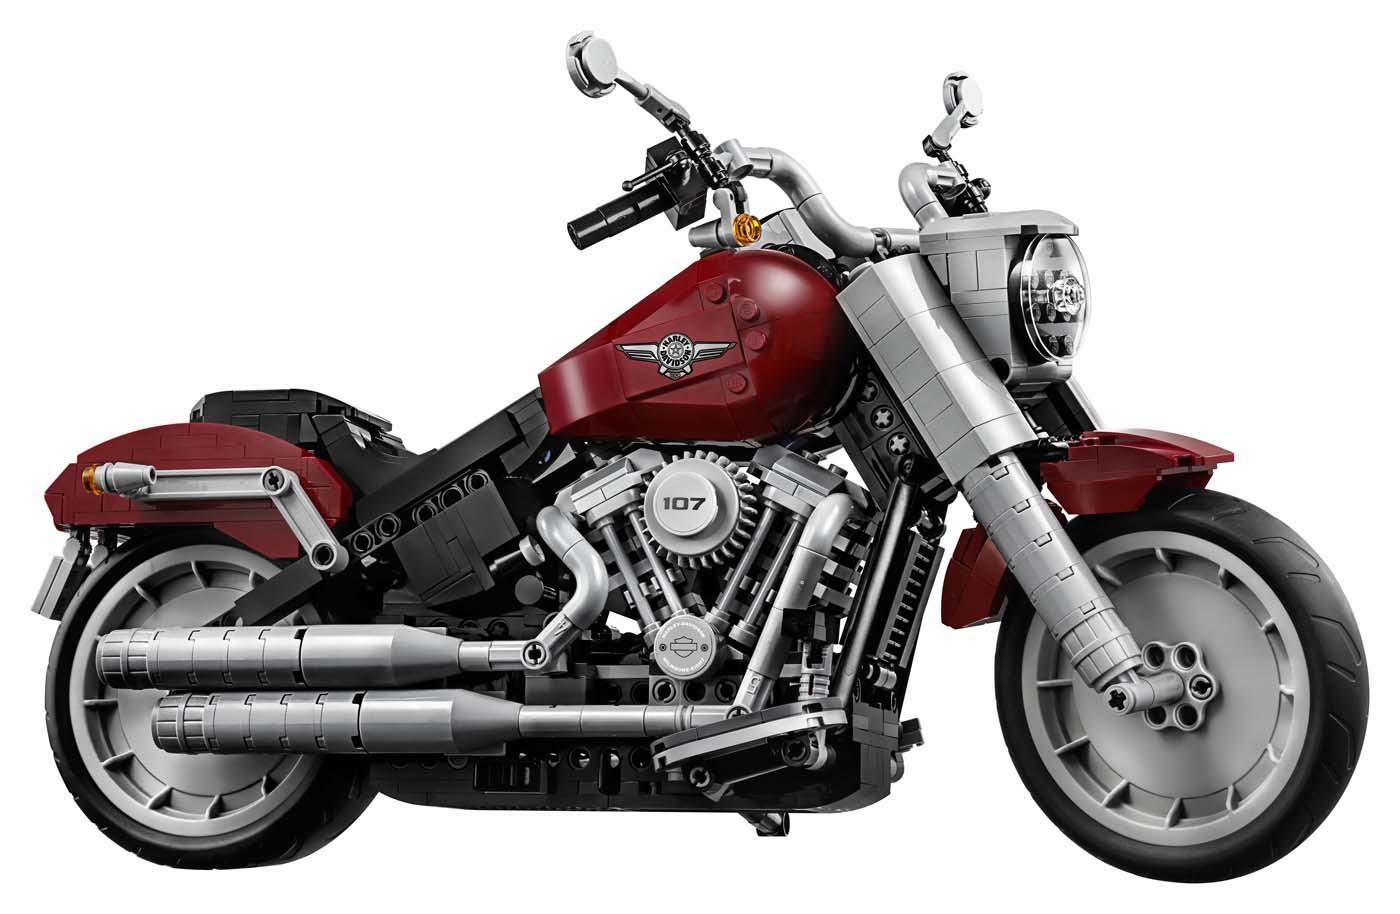 Zeigt die Harley-Davidson Fat Boy als Lego Bausatz.